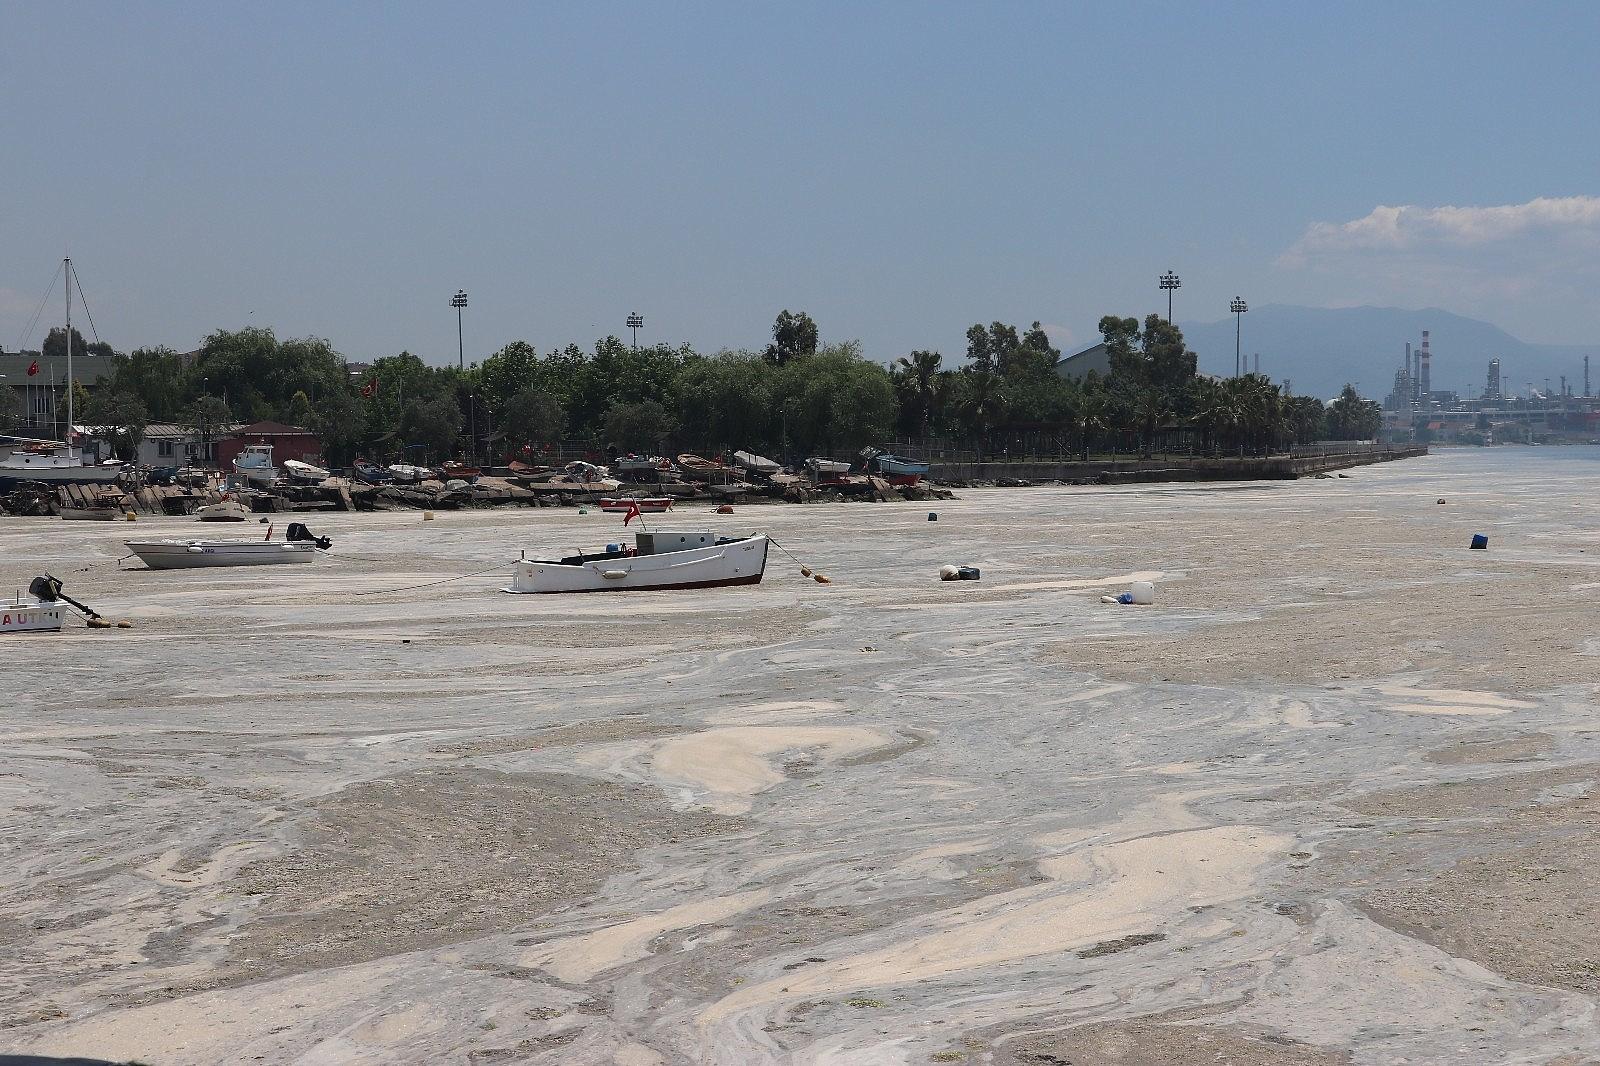 2021/06/vatandas-kureklerle-deniz-salyasi-temizledi-20210606AW33-2.jpg